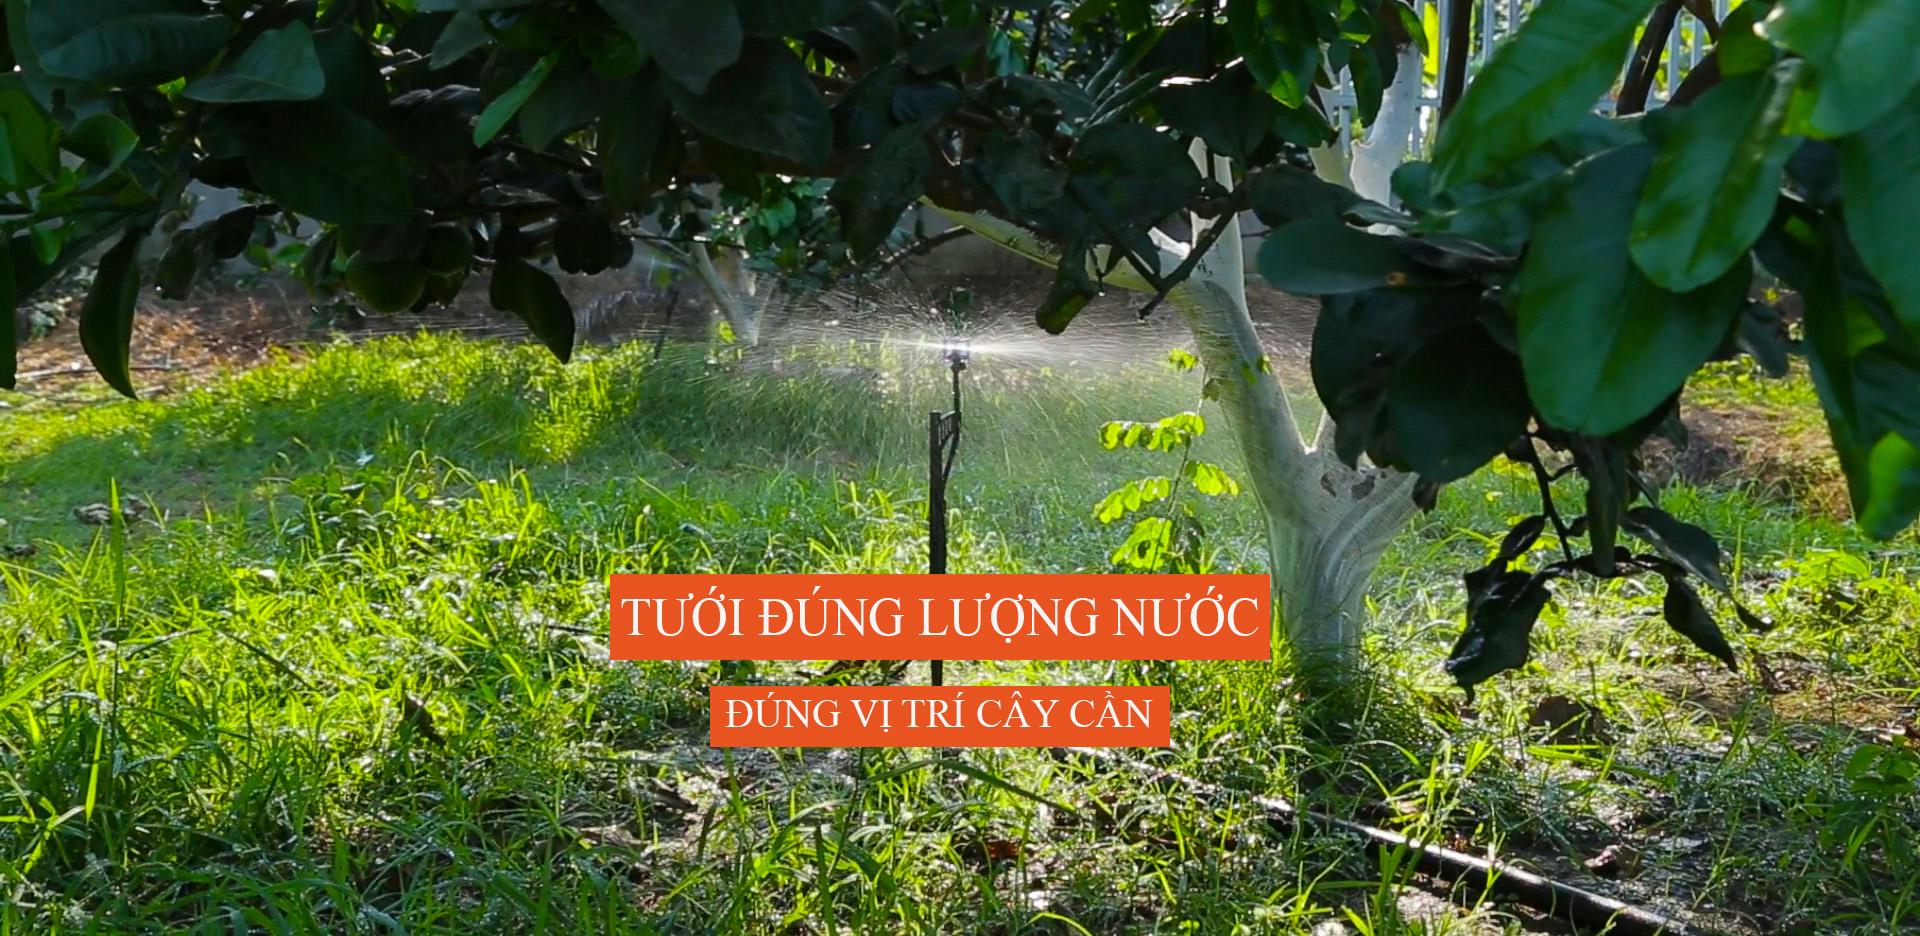 Hệ thống tưới sử dụng béc phun sương mưa BS5000 tưới cho cây bưởi